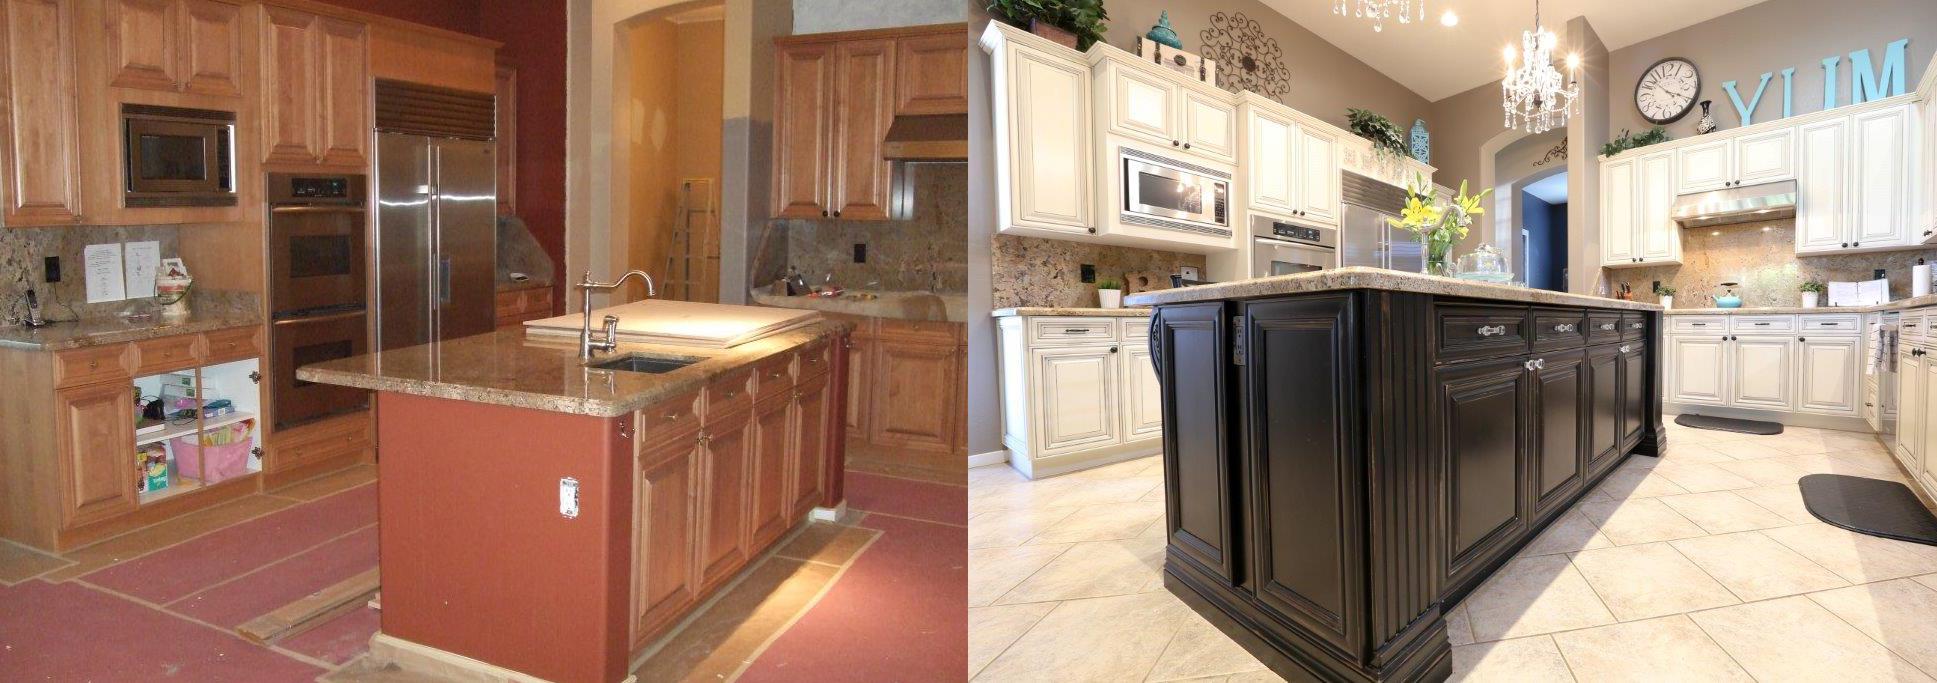 completely-refinished-cabinets-phoenix-arizona-3